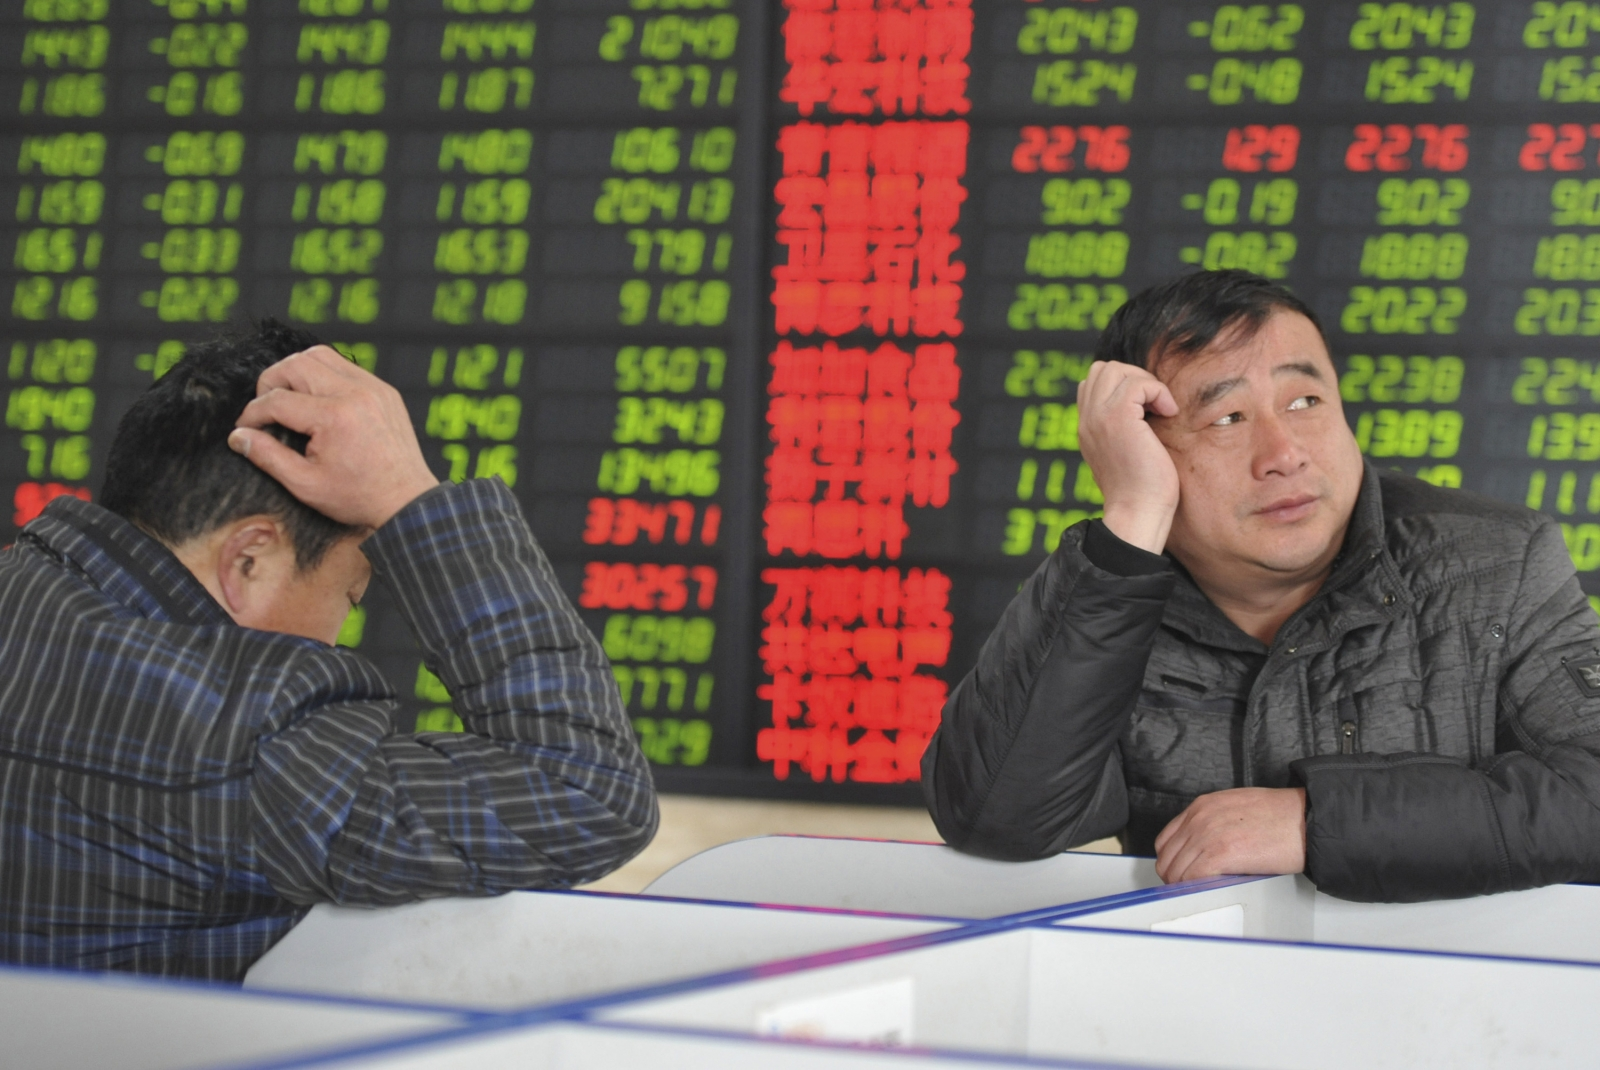 Chinese Investorr